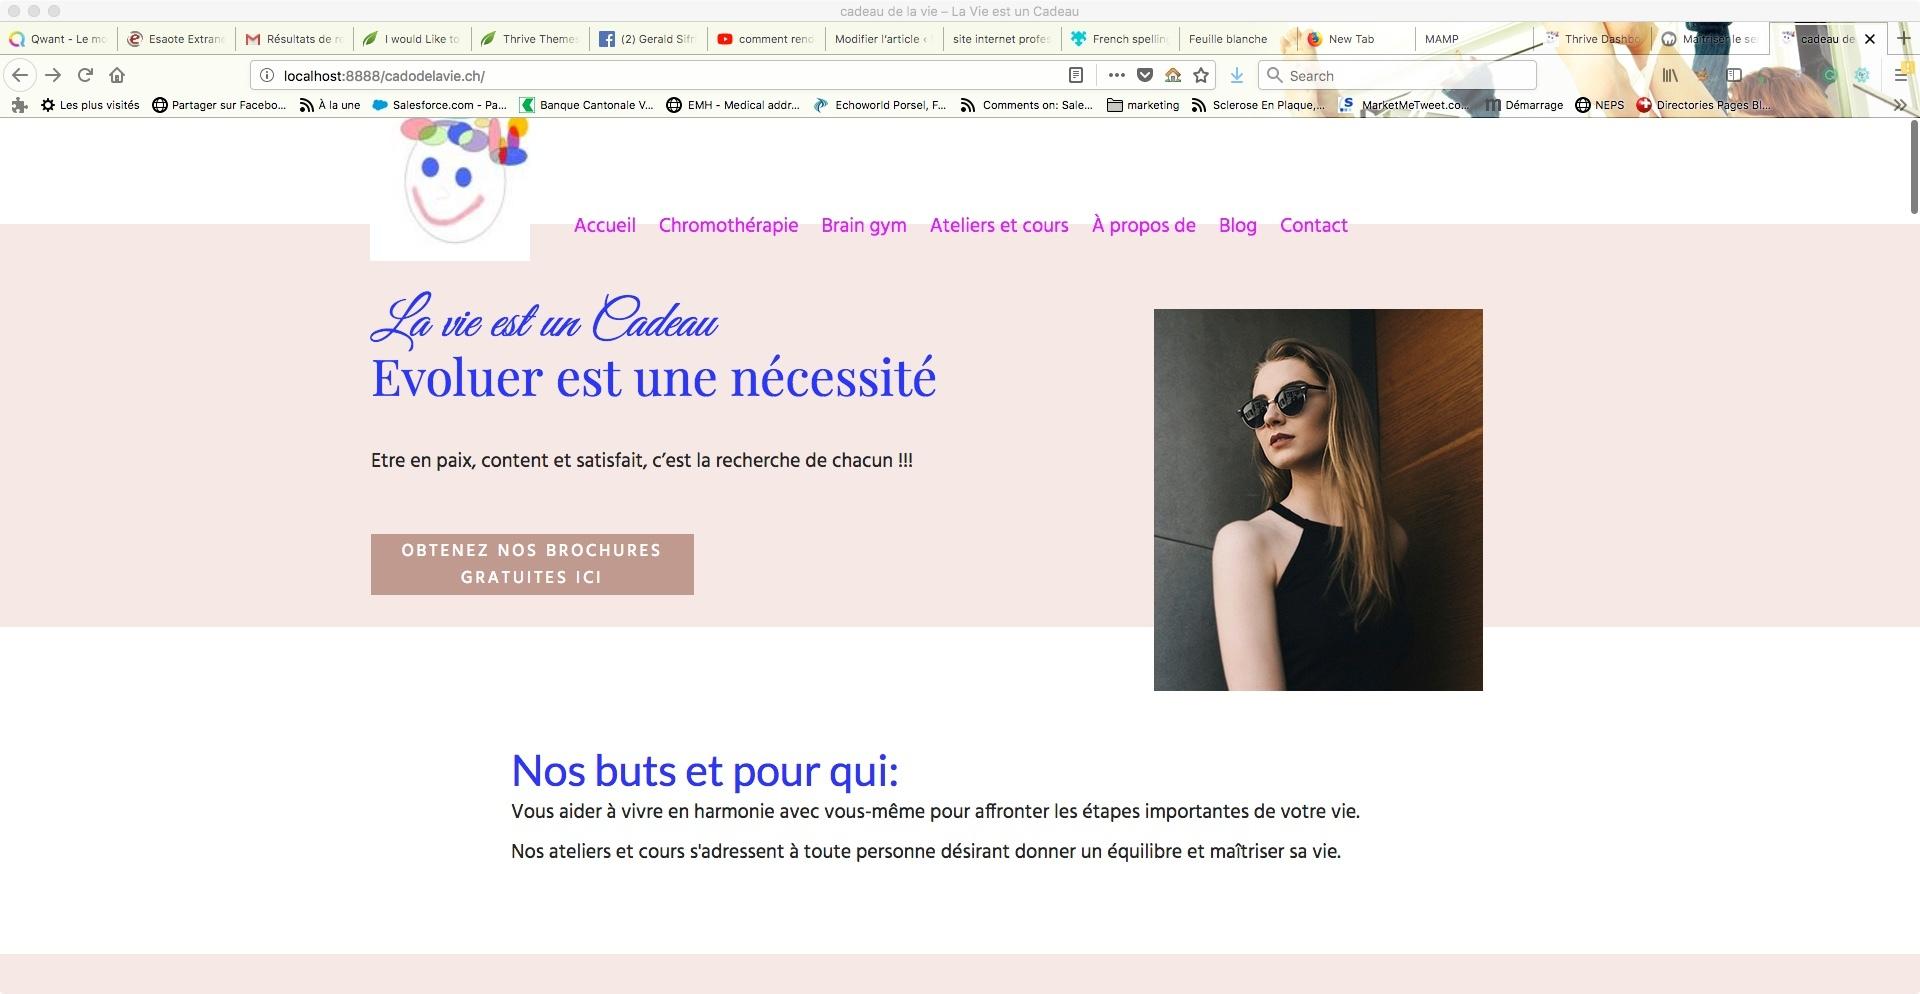 site internet professionnel de développement personnel